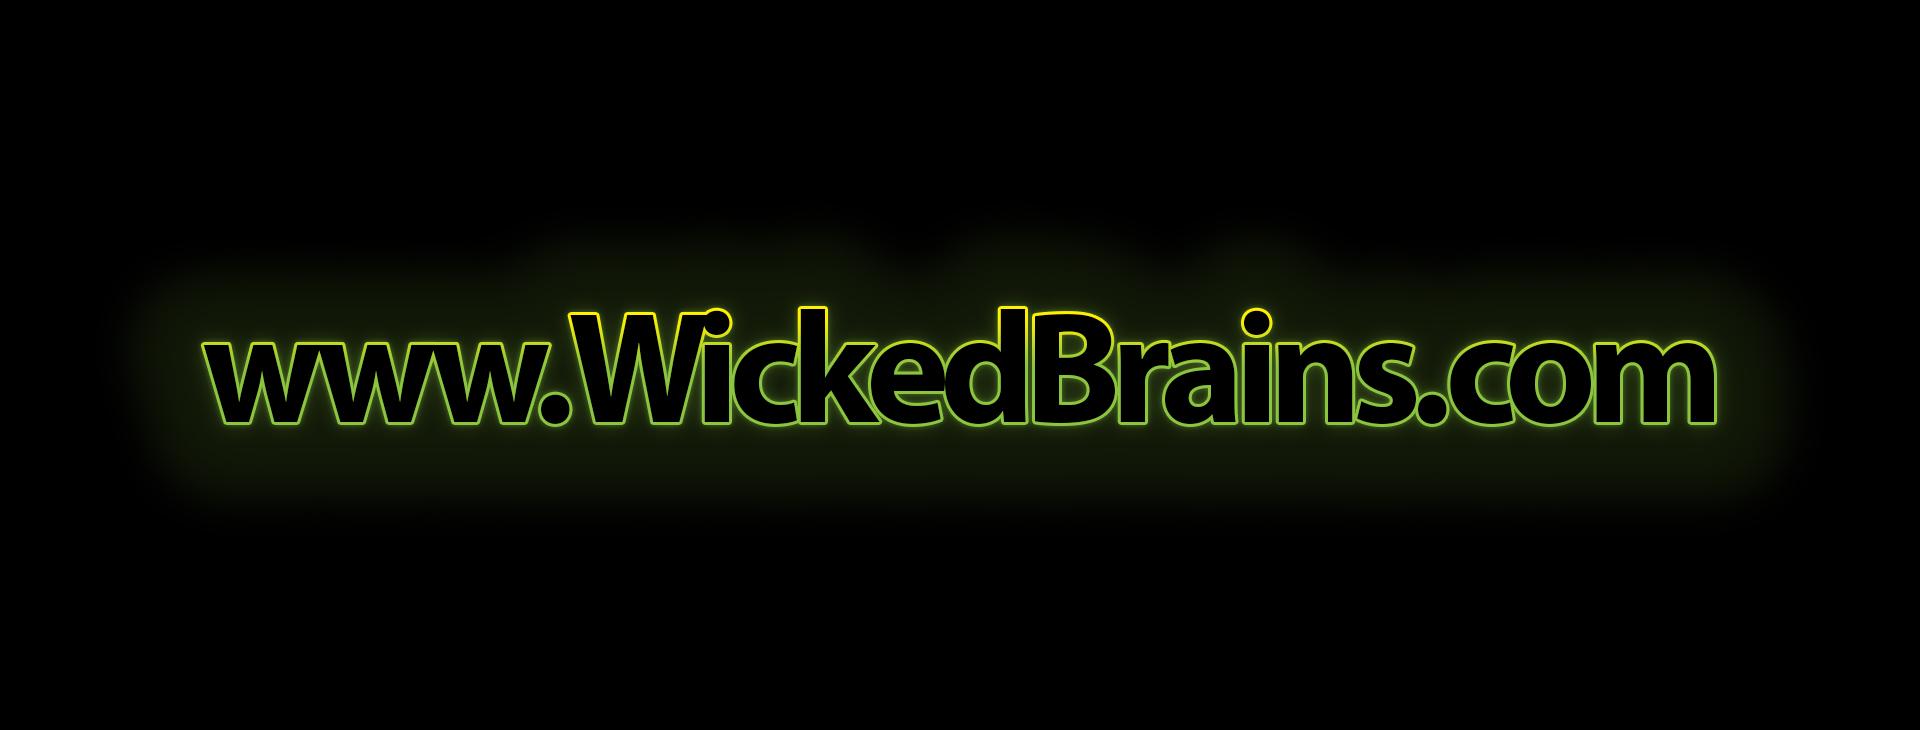 Wicked  Brains  |  Fancy  Ideas